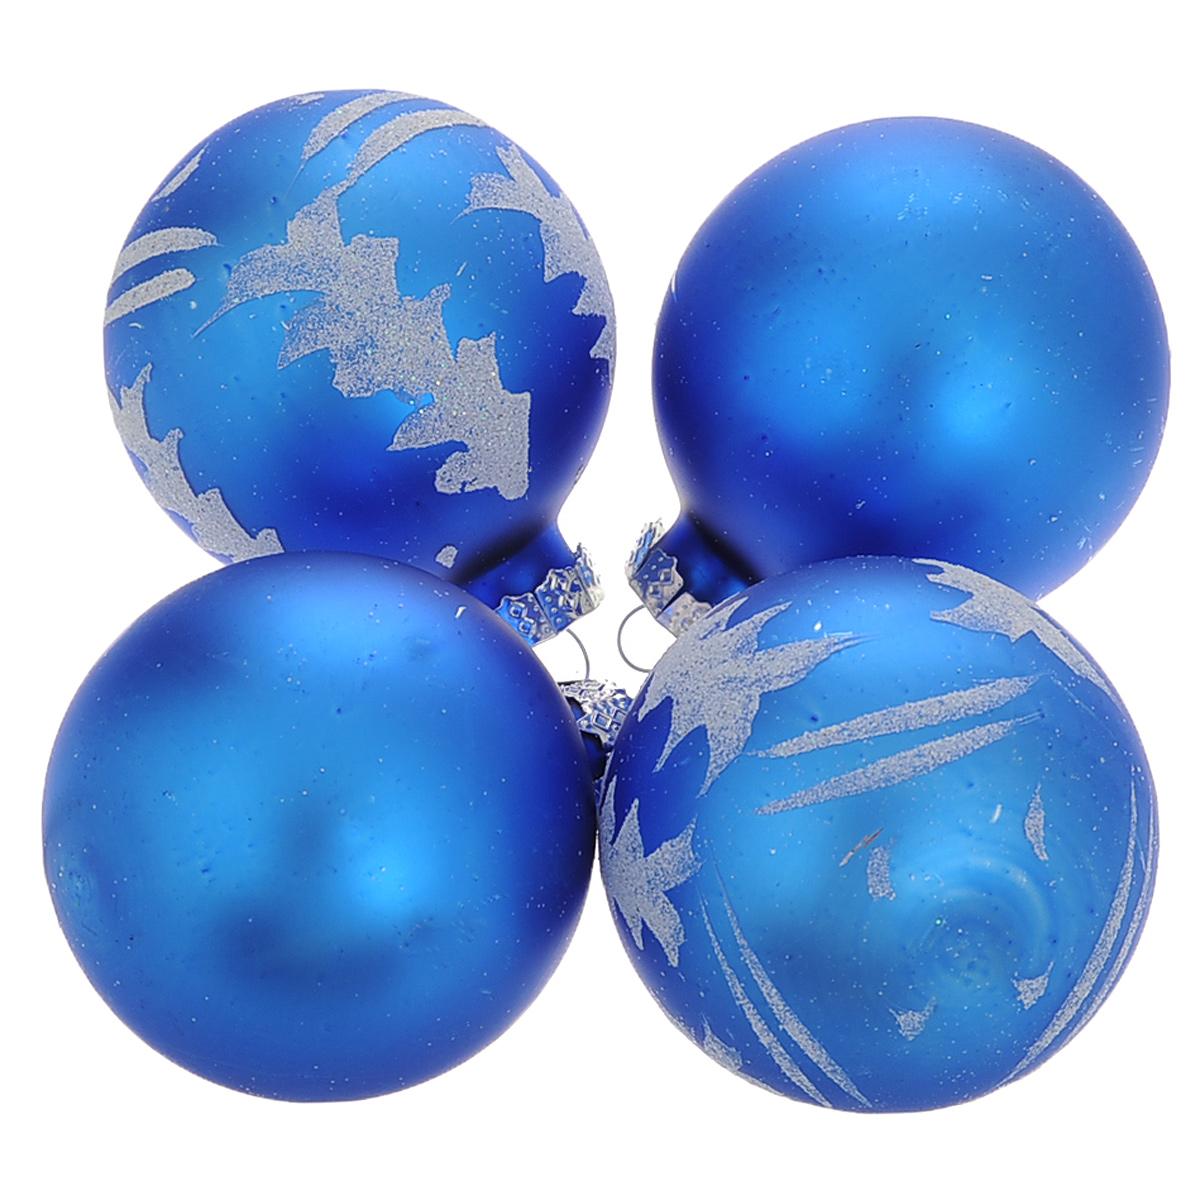 Набор новогодних подвесных украшений Шар, цвет: серебристый, синий, диаметр 6 см, 4 шт. 3448234482Набор новогодних подвесных украшений Шар прекрасно подойдет для праздничного декора новогодней ели. Состоит из четырех шаров.Елочная игрушка - символ Нового года. Она несет в себе волшебство и красоту праздника. Создайте в своем доме атмосферу веселья и радости, украшая новогоднюю елку нарядными игрушками, которые будут из года в год накапливать теплоту воспоминаний. Коллекция декоративных украшений принесет в ваш дом ни с чем несравнимое ощущение волшебства! Откройте для себя удивительный мир сказок и грез. Почувствуйте волшебные минуты ожидания праздника, создайте новогоднее настроение вашим дорогим и близким.